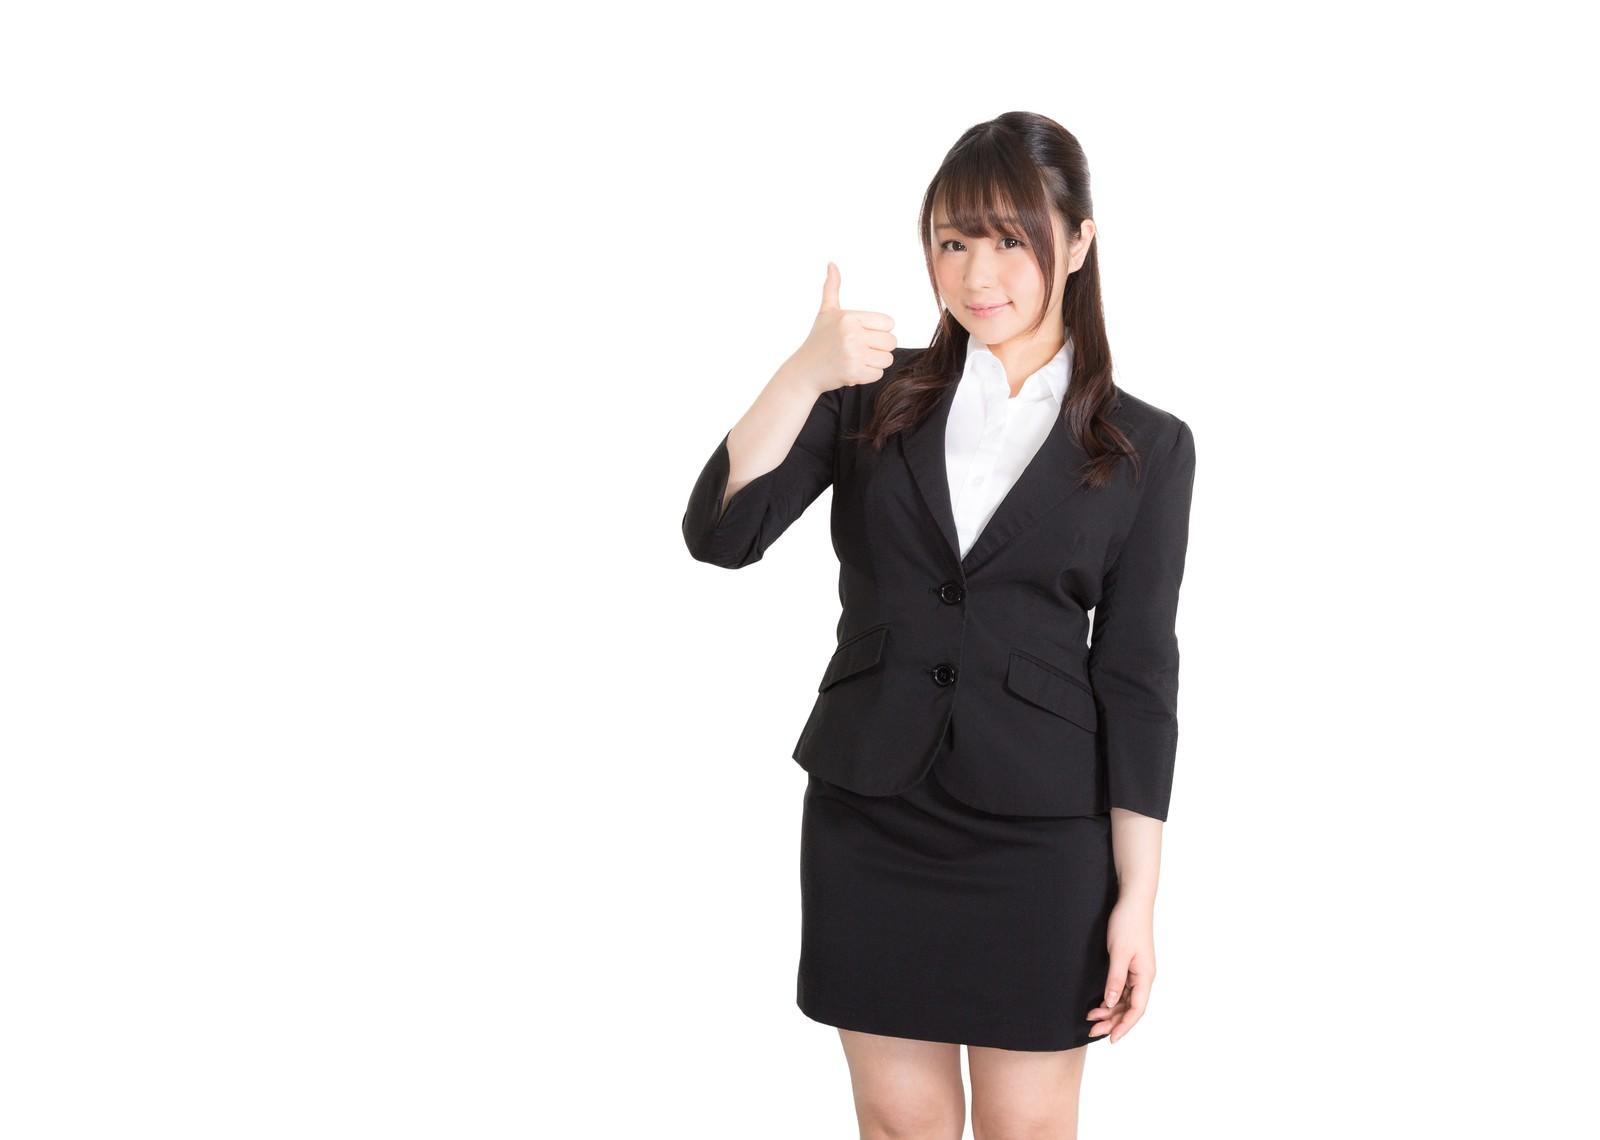 安心できる優良派遣会社を選ぶ方法